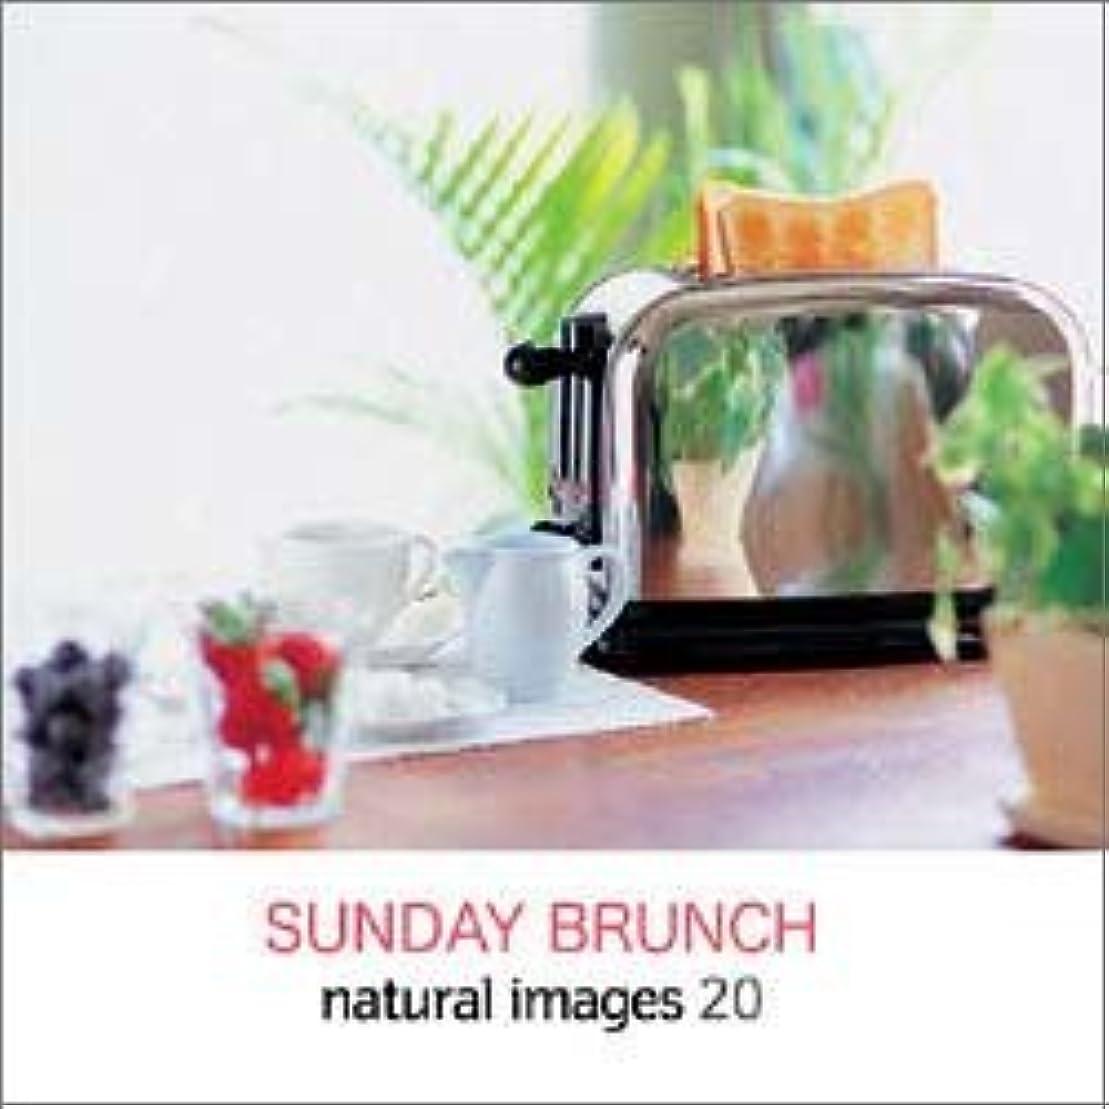 永遠の思慮のない気を散らすnatural images Vol.20 SUNDAY BRUNCH